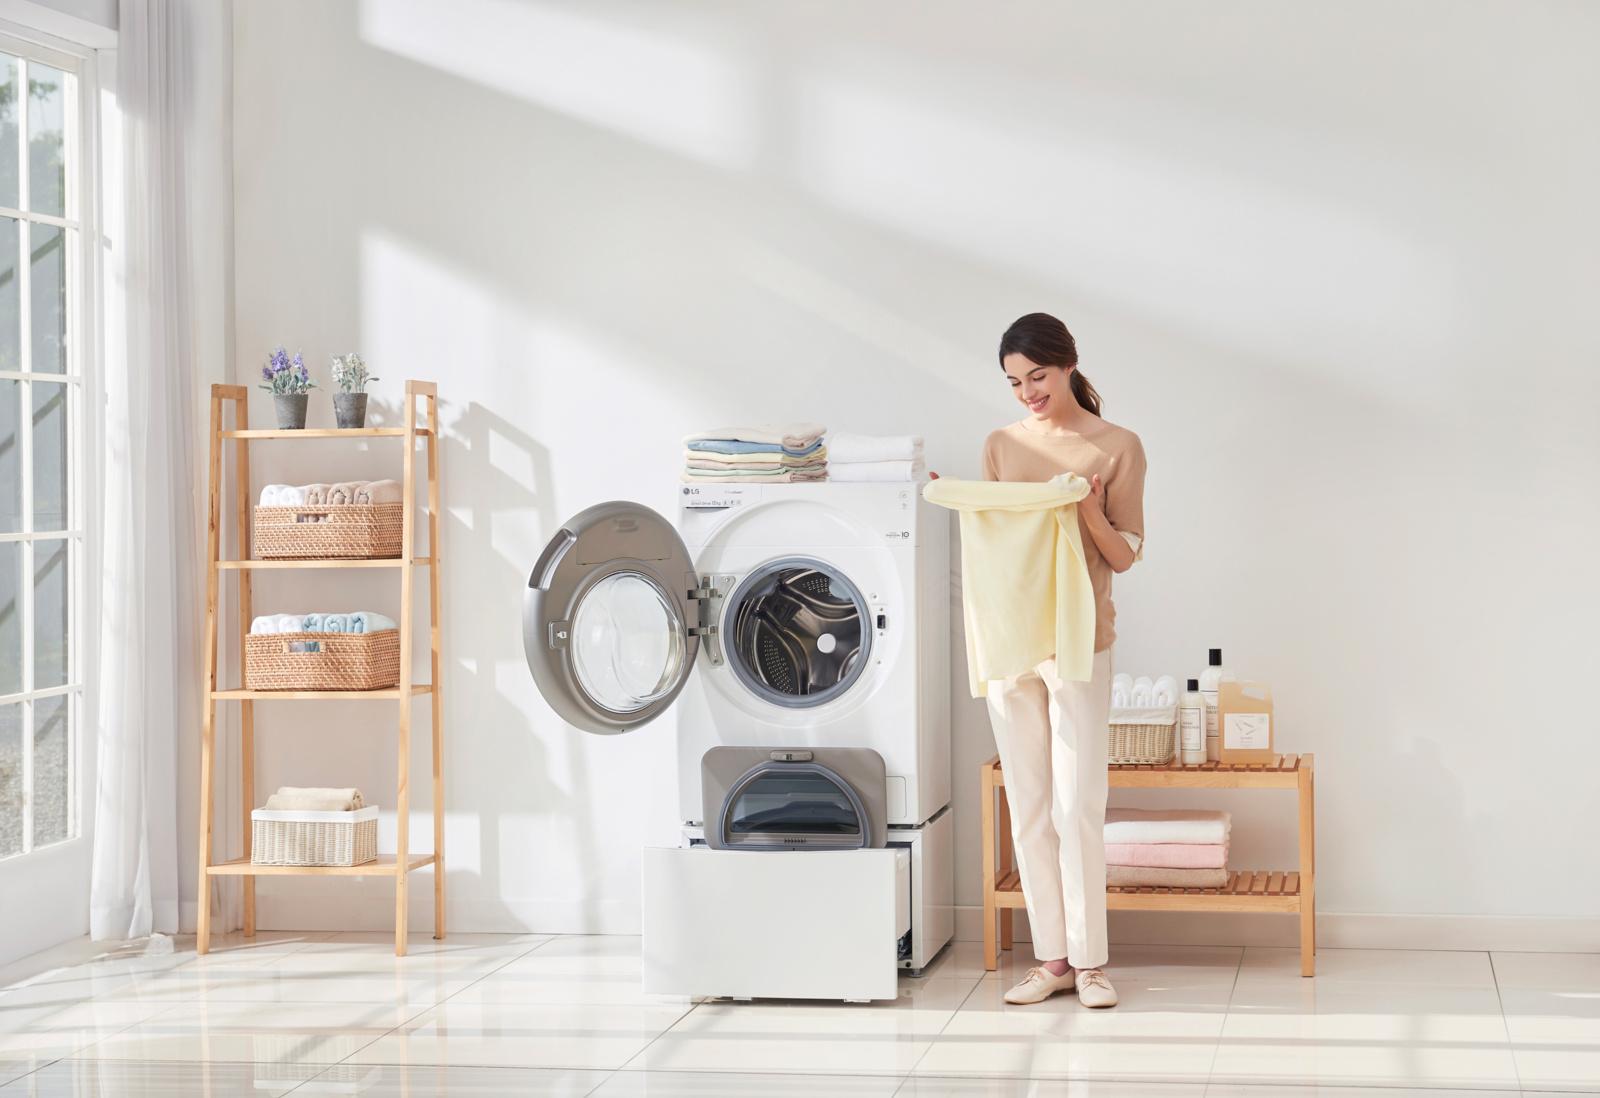 Ar jūsų namų elektronika efektyviai naudoja energiją? Patarimai, kaip teisingai išsirinkti prietaisus namams